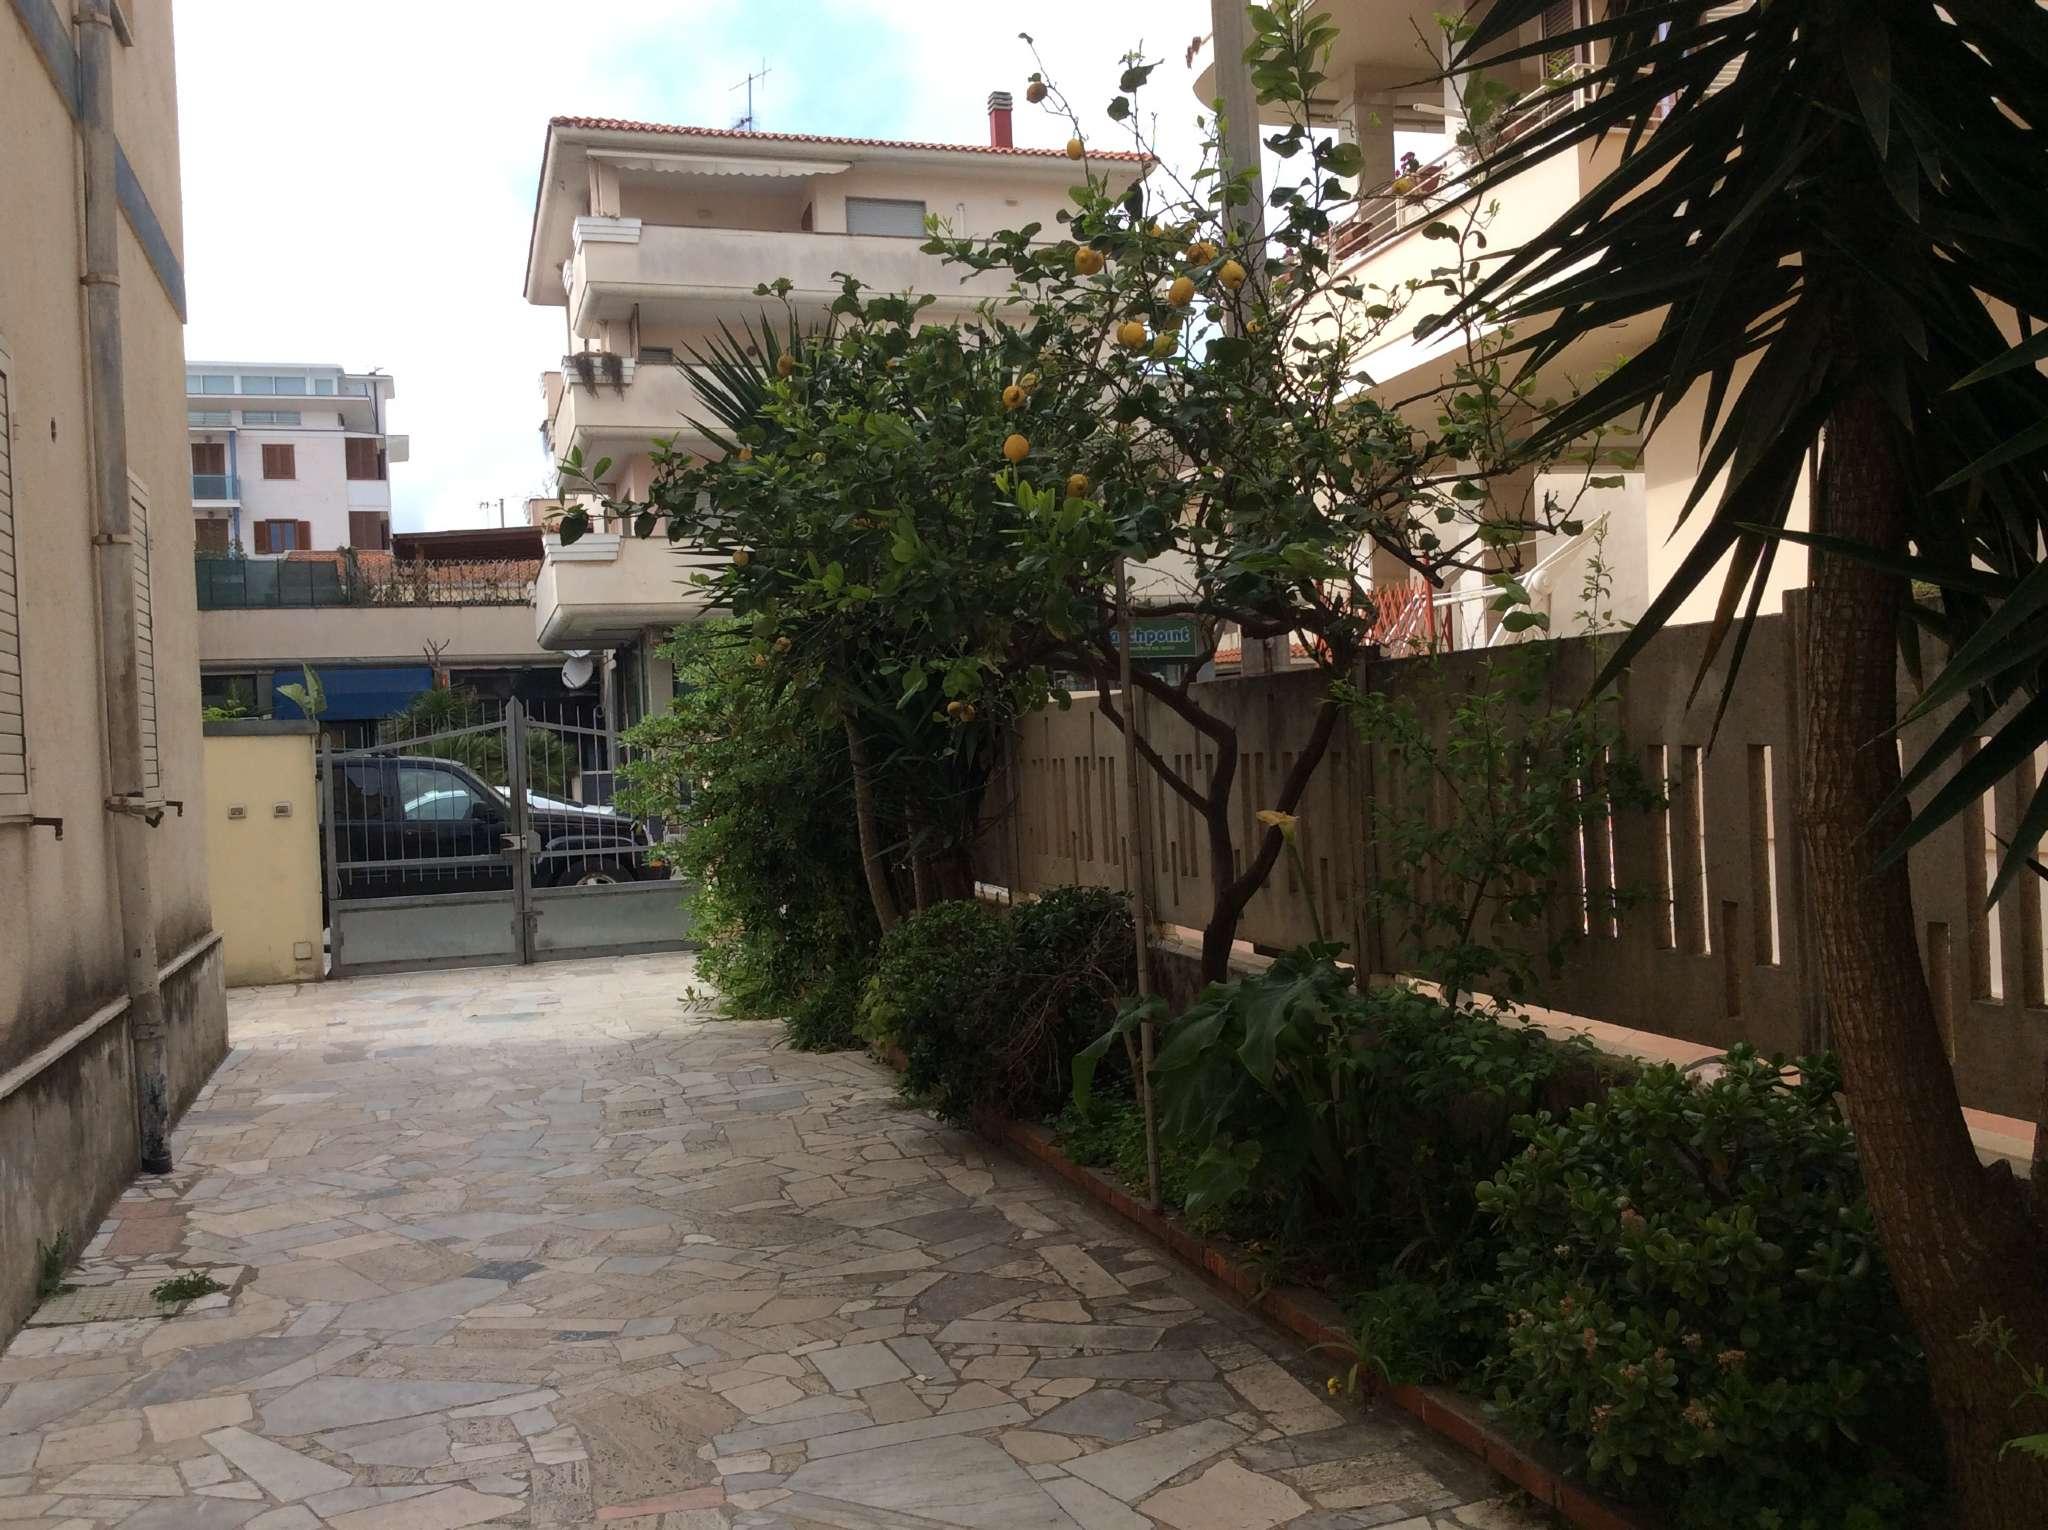 Appartamento in vendita a Alghero, 2 locali, prezzo € 105.000   Cambio Casa.it